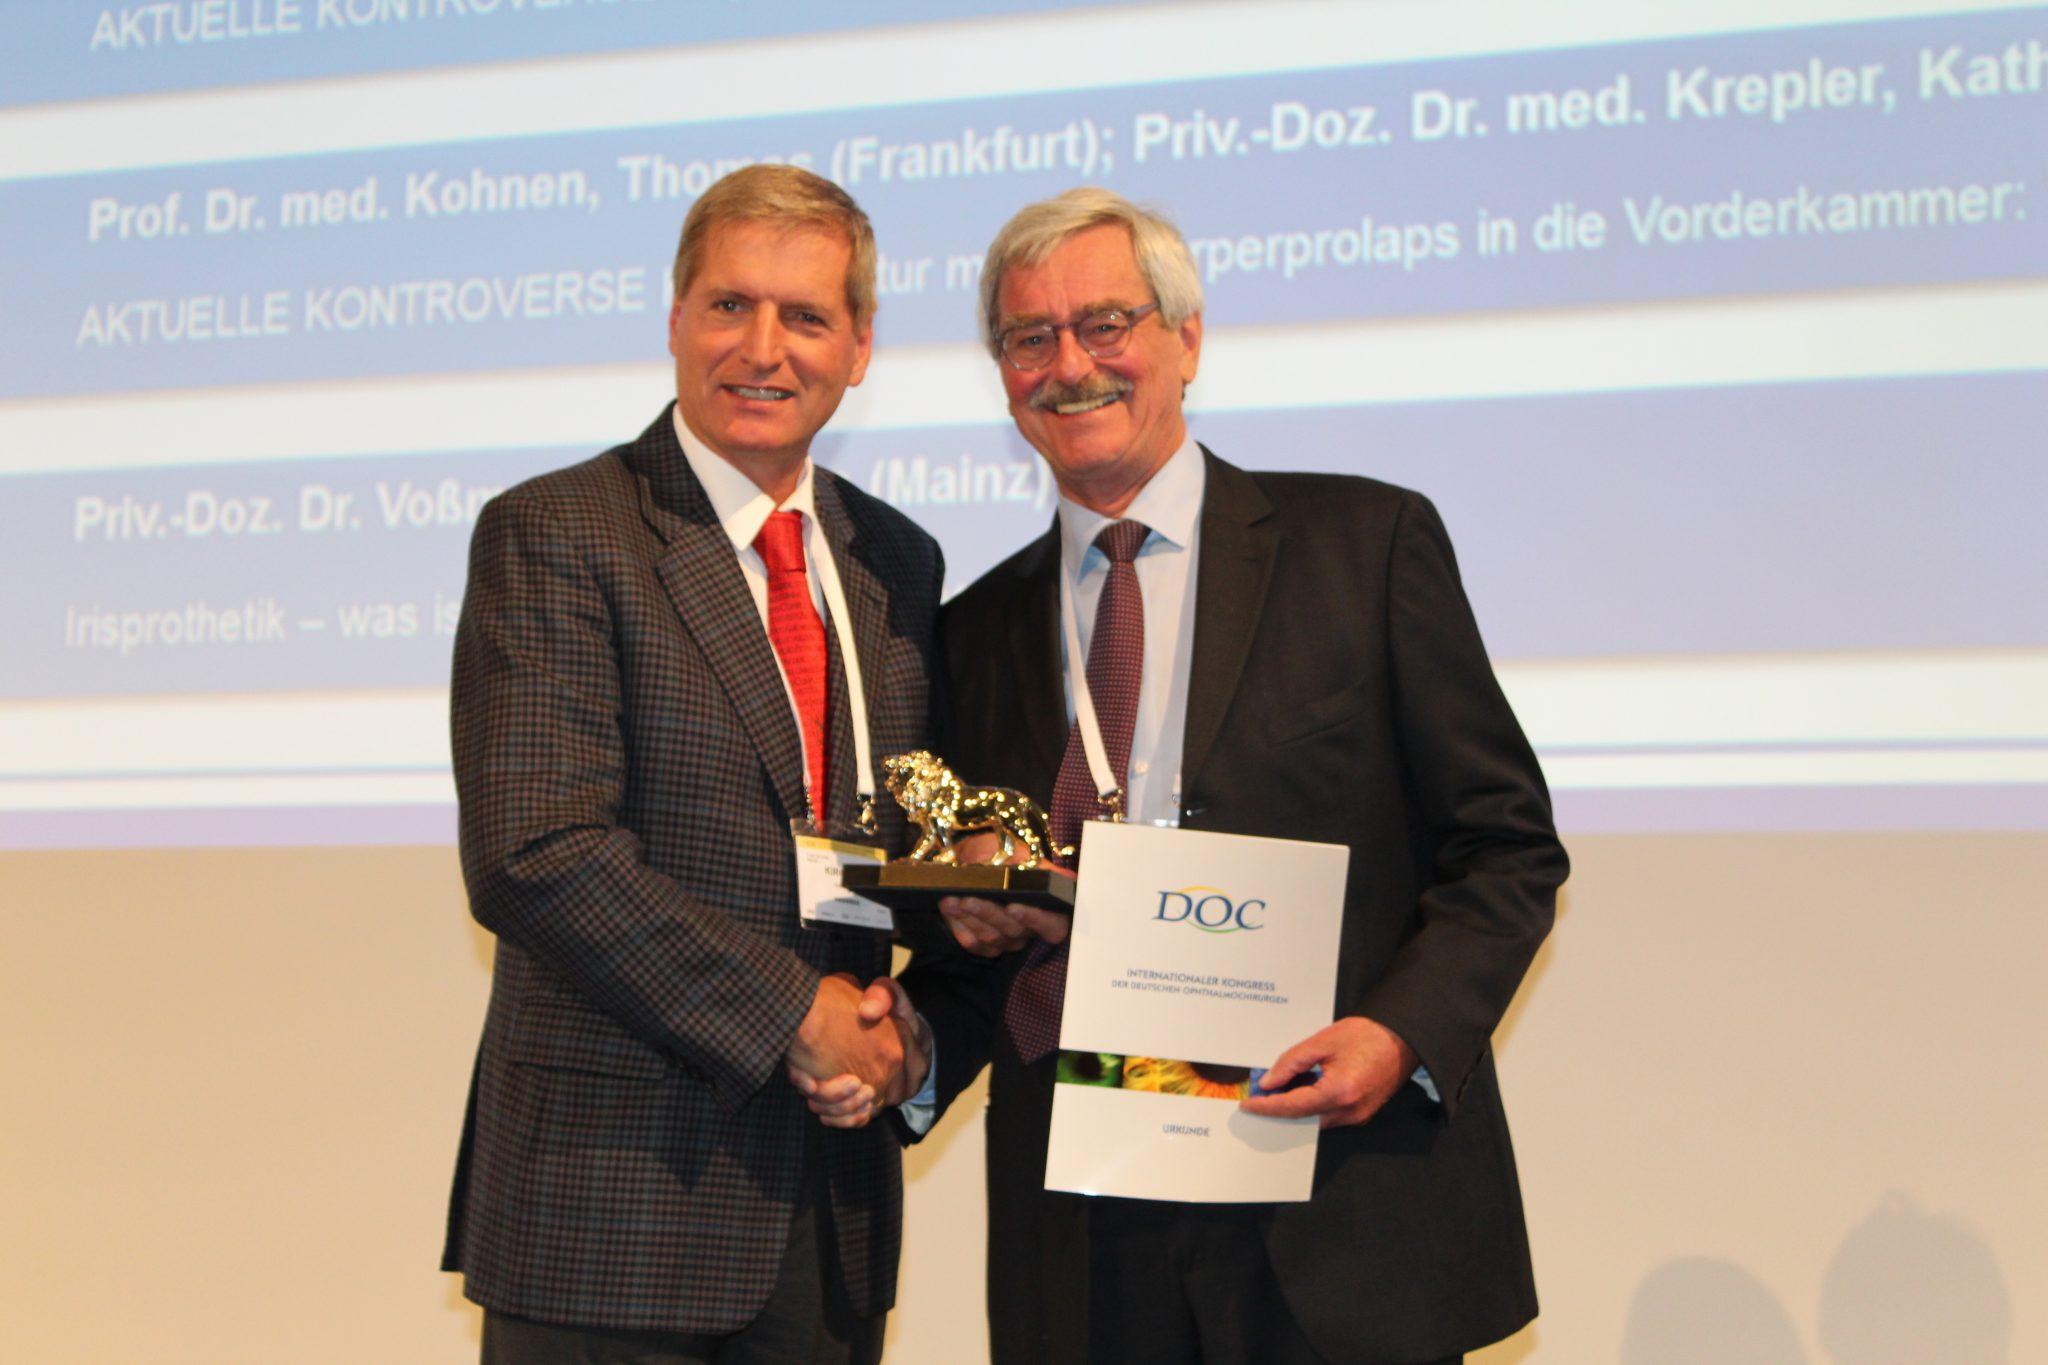 DOC 2018: Thomas Neuhann für Entwicklung der Kapsulorhexis geehrt